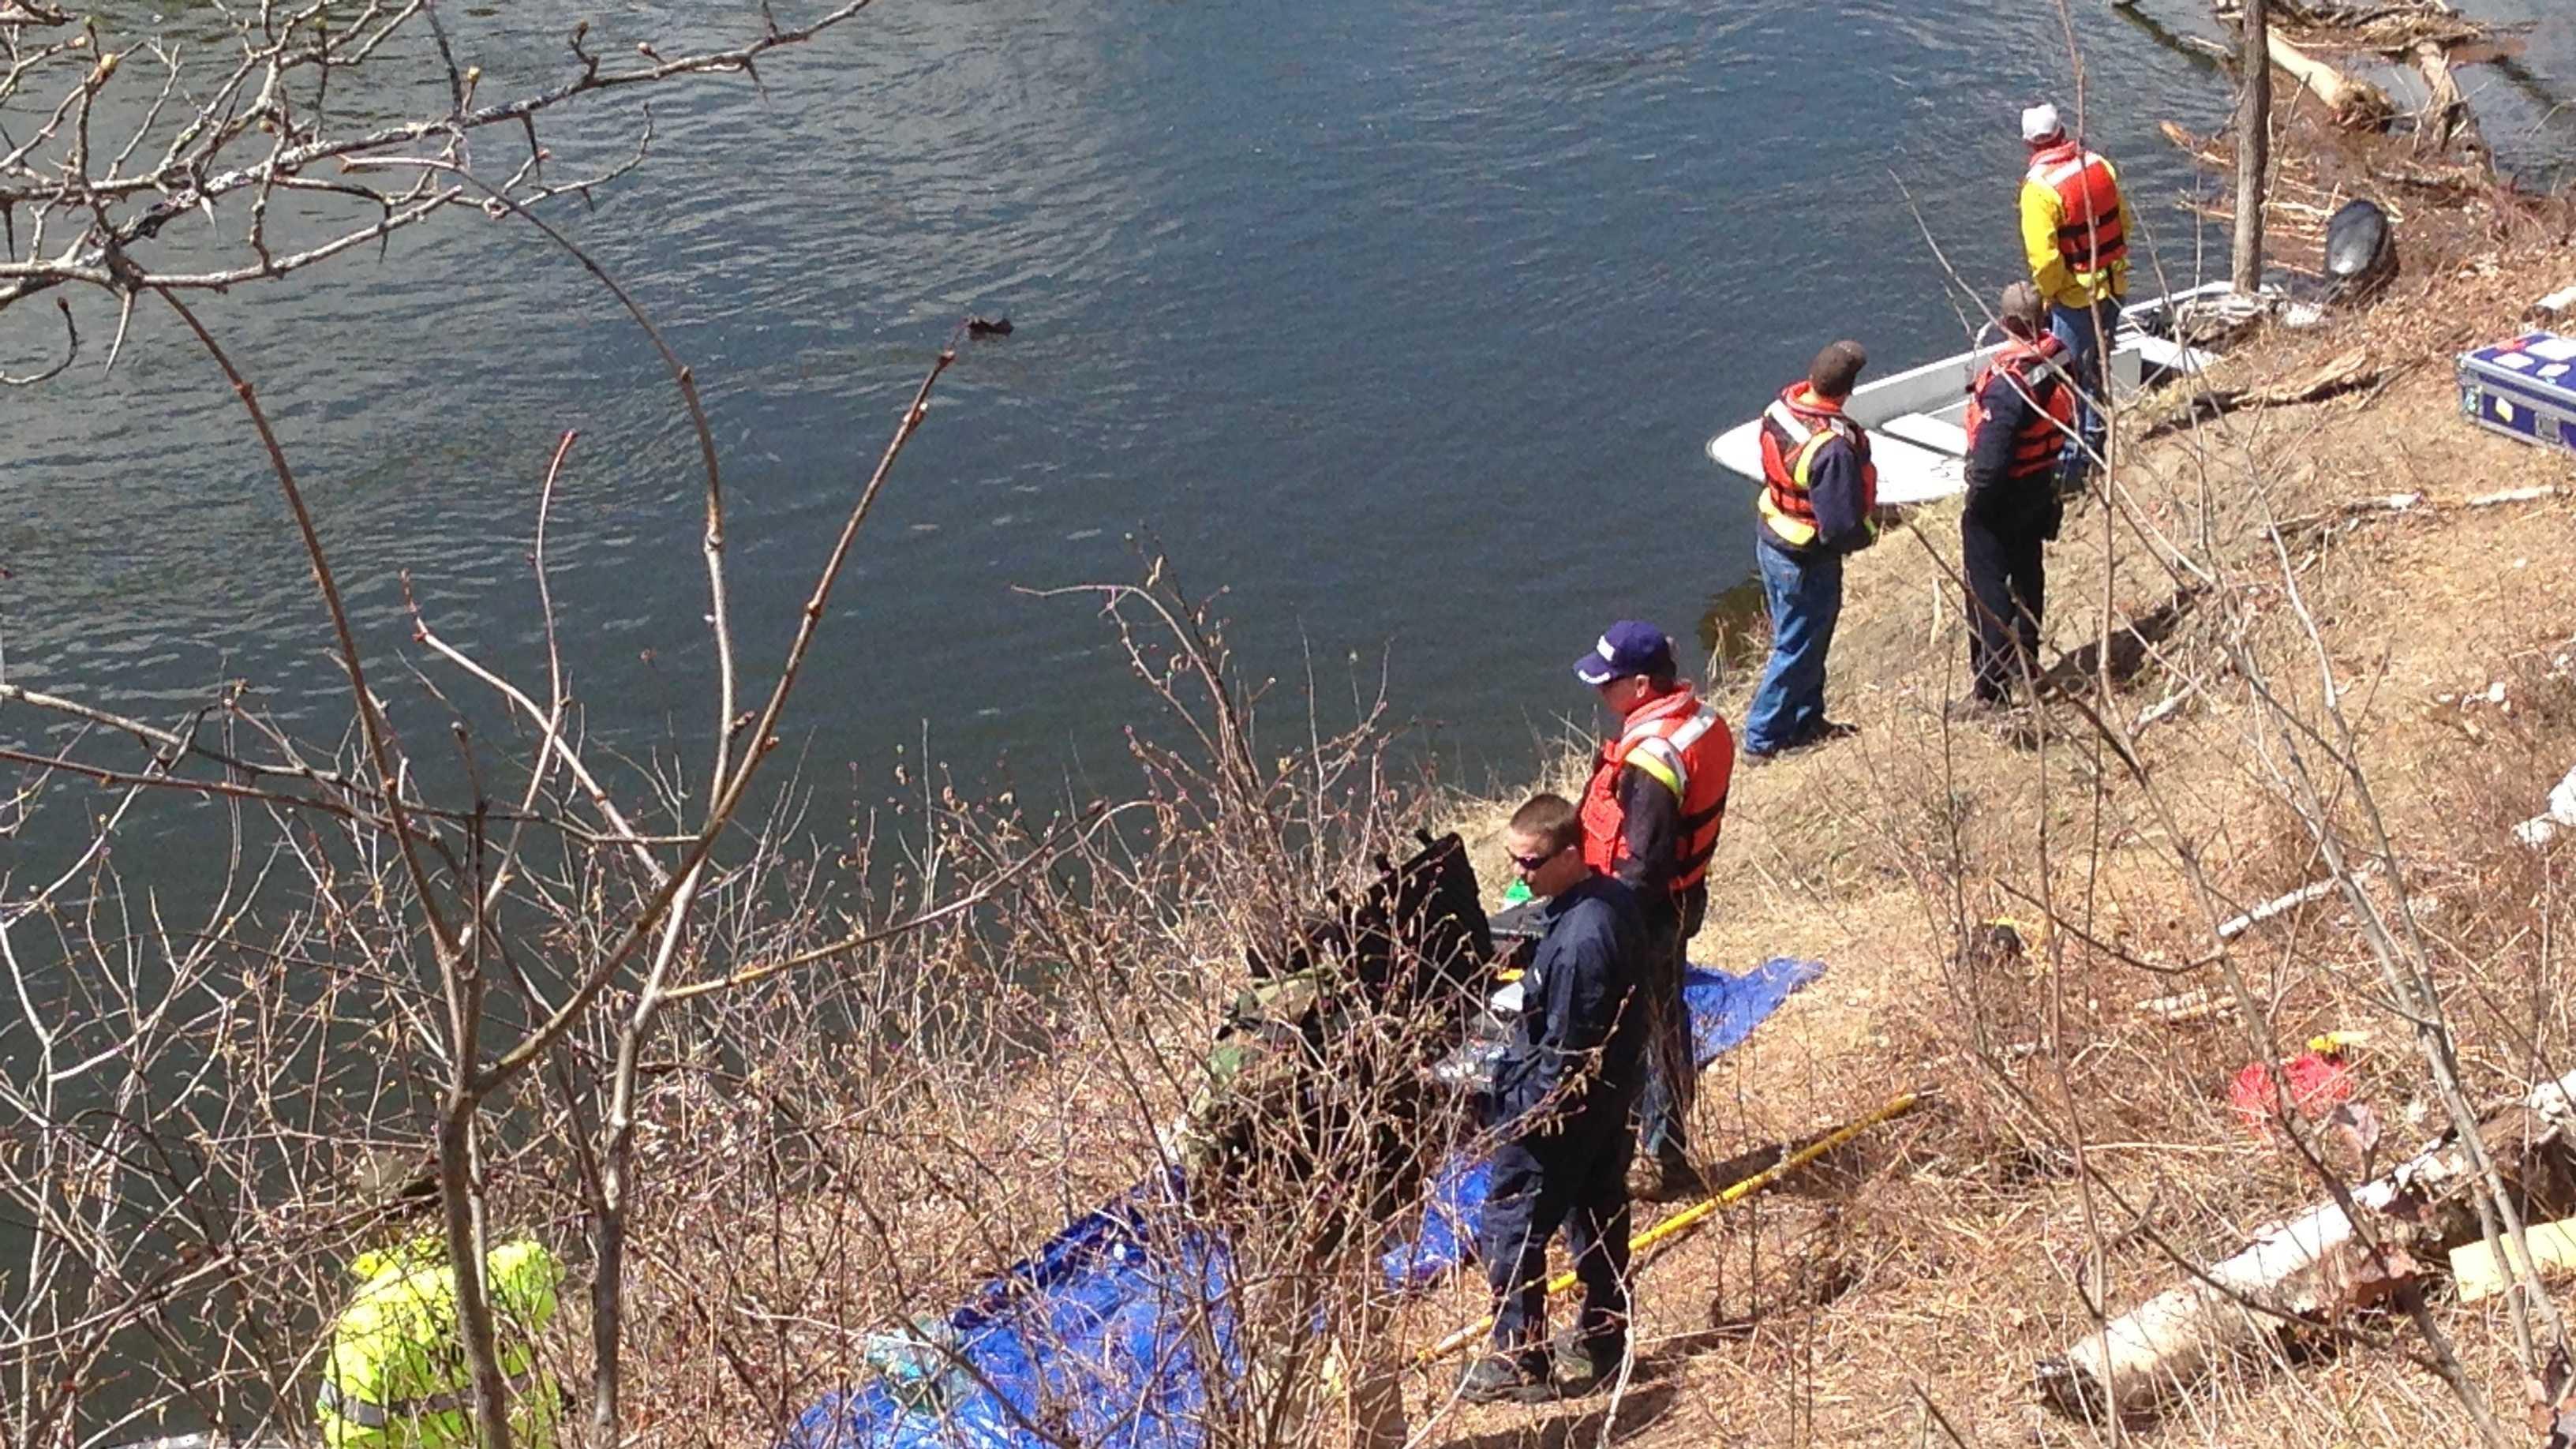 04-25-13 River Search